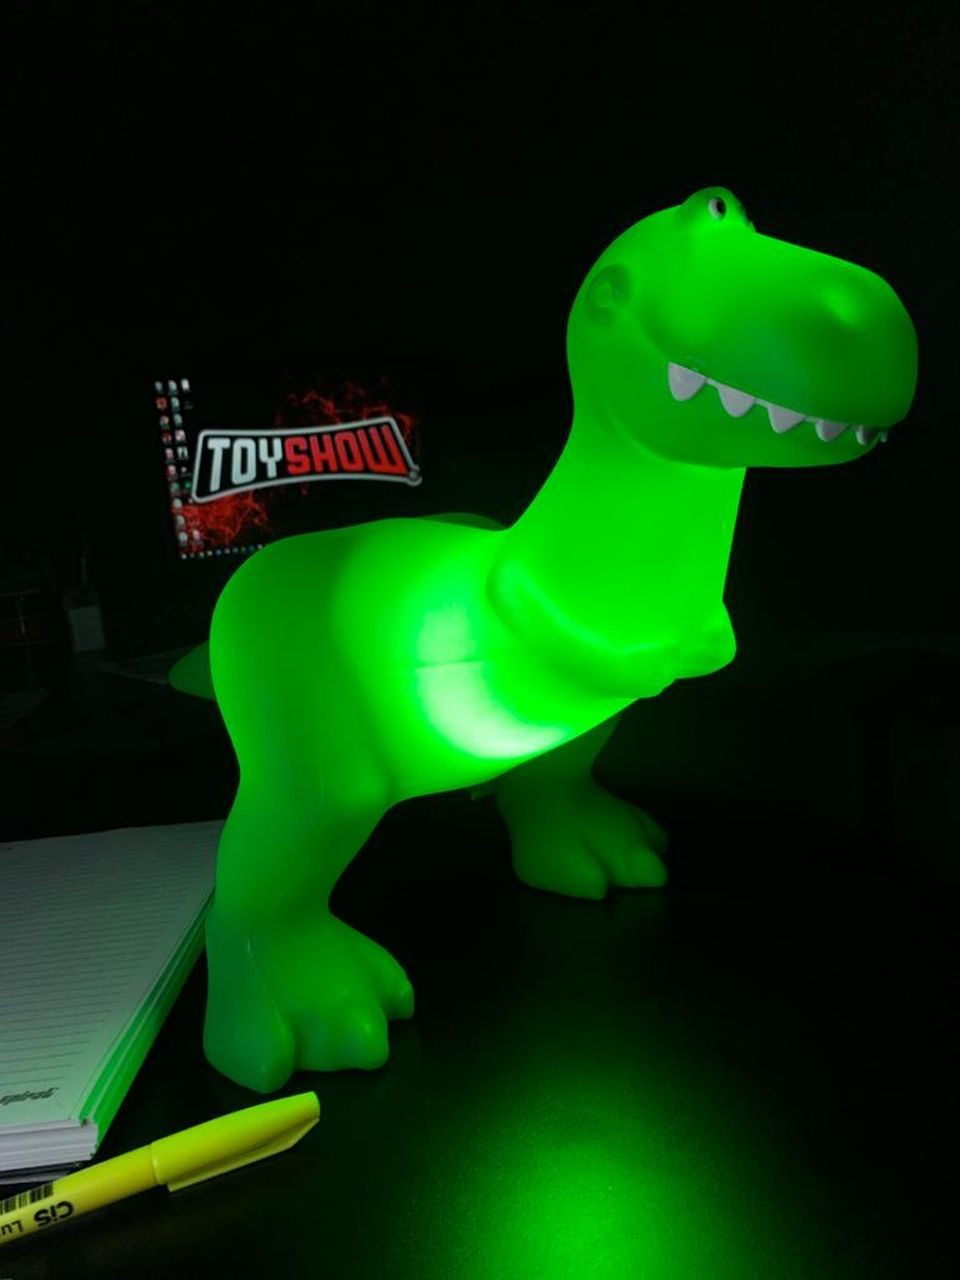 Luminária Rex: Toy Story (Disney)